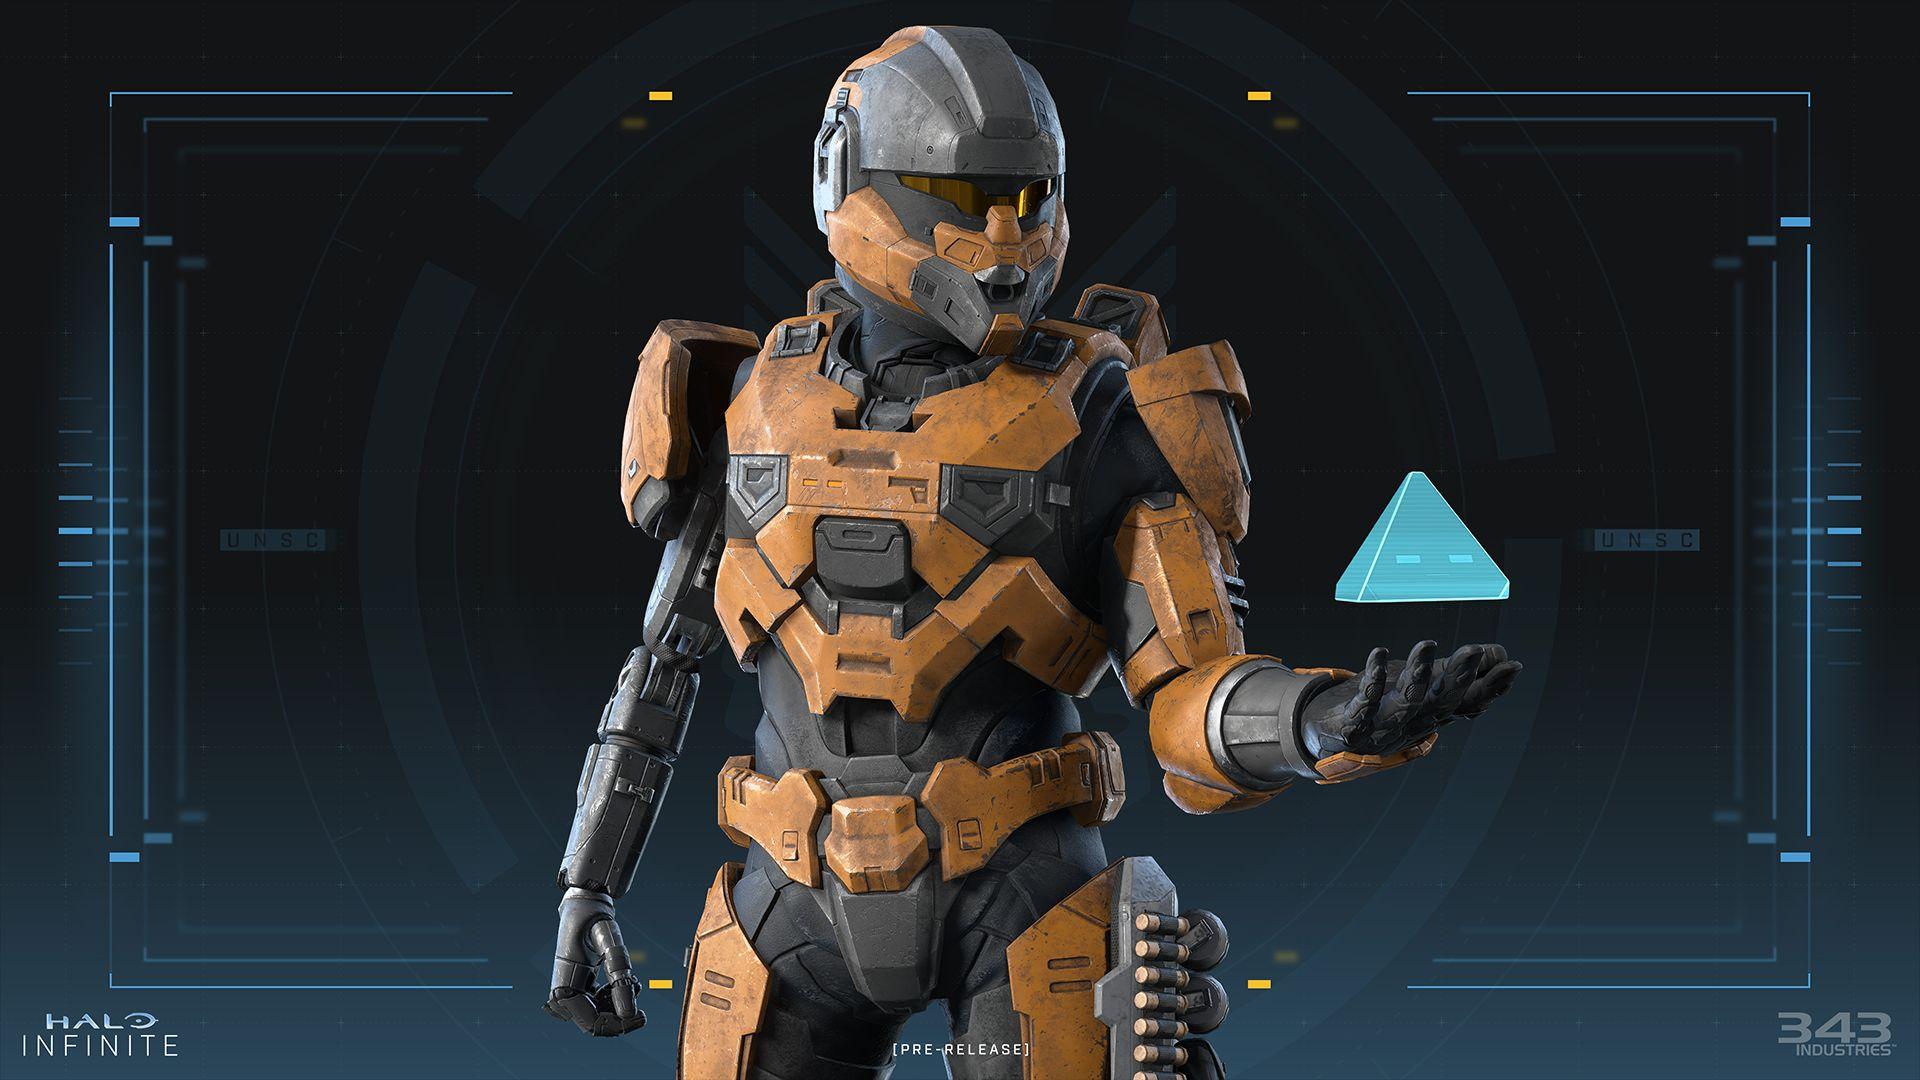 حجم بازی Halo Infinite